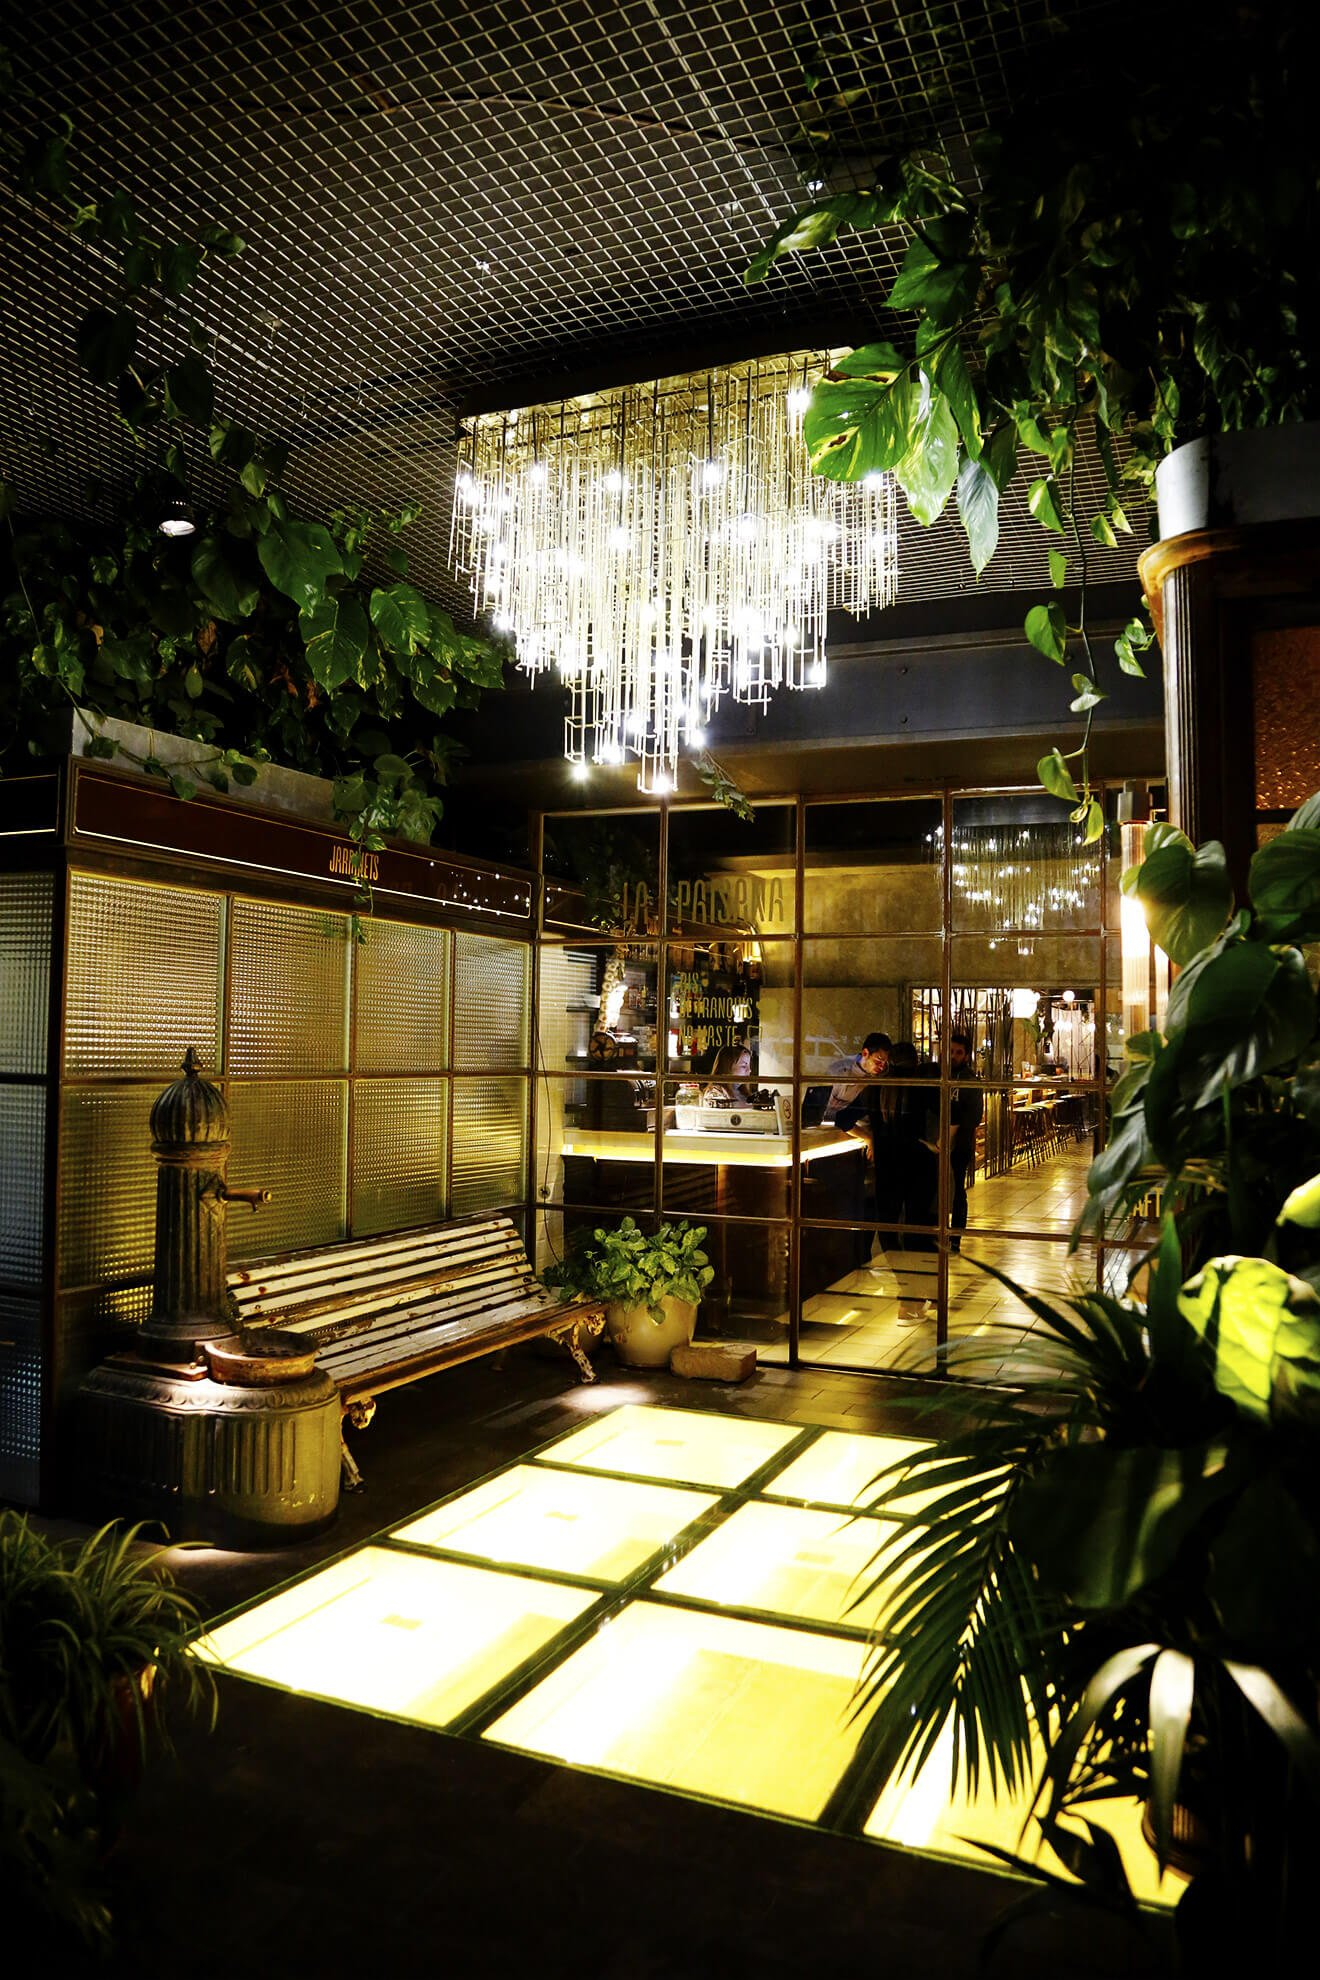 Gimme some barcelona travel guide - Casa gracia restaurante barcelona ...